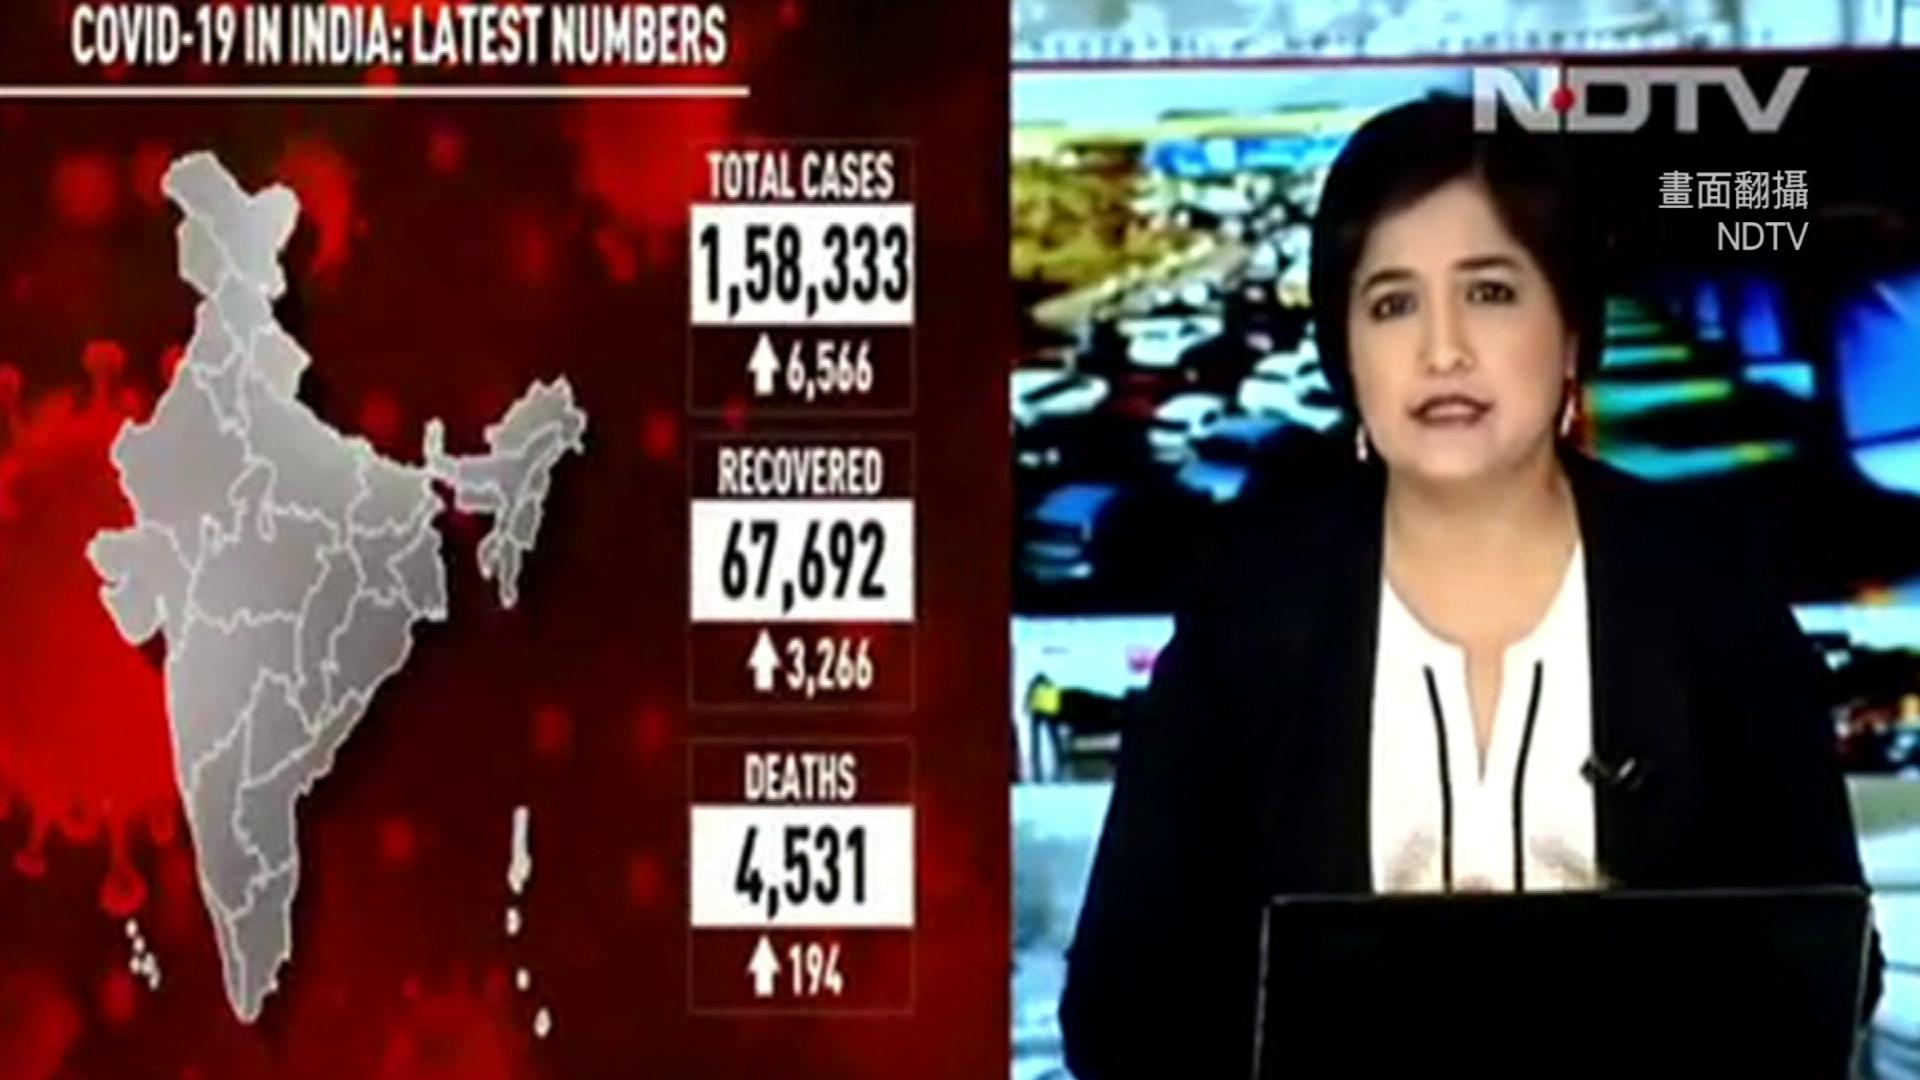 亞洲最慘疫區!印度母飢餓脫水亡 單日暴增7千確診